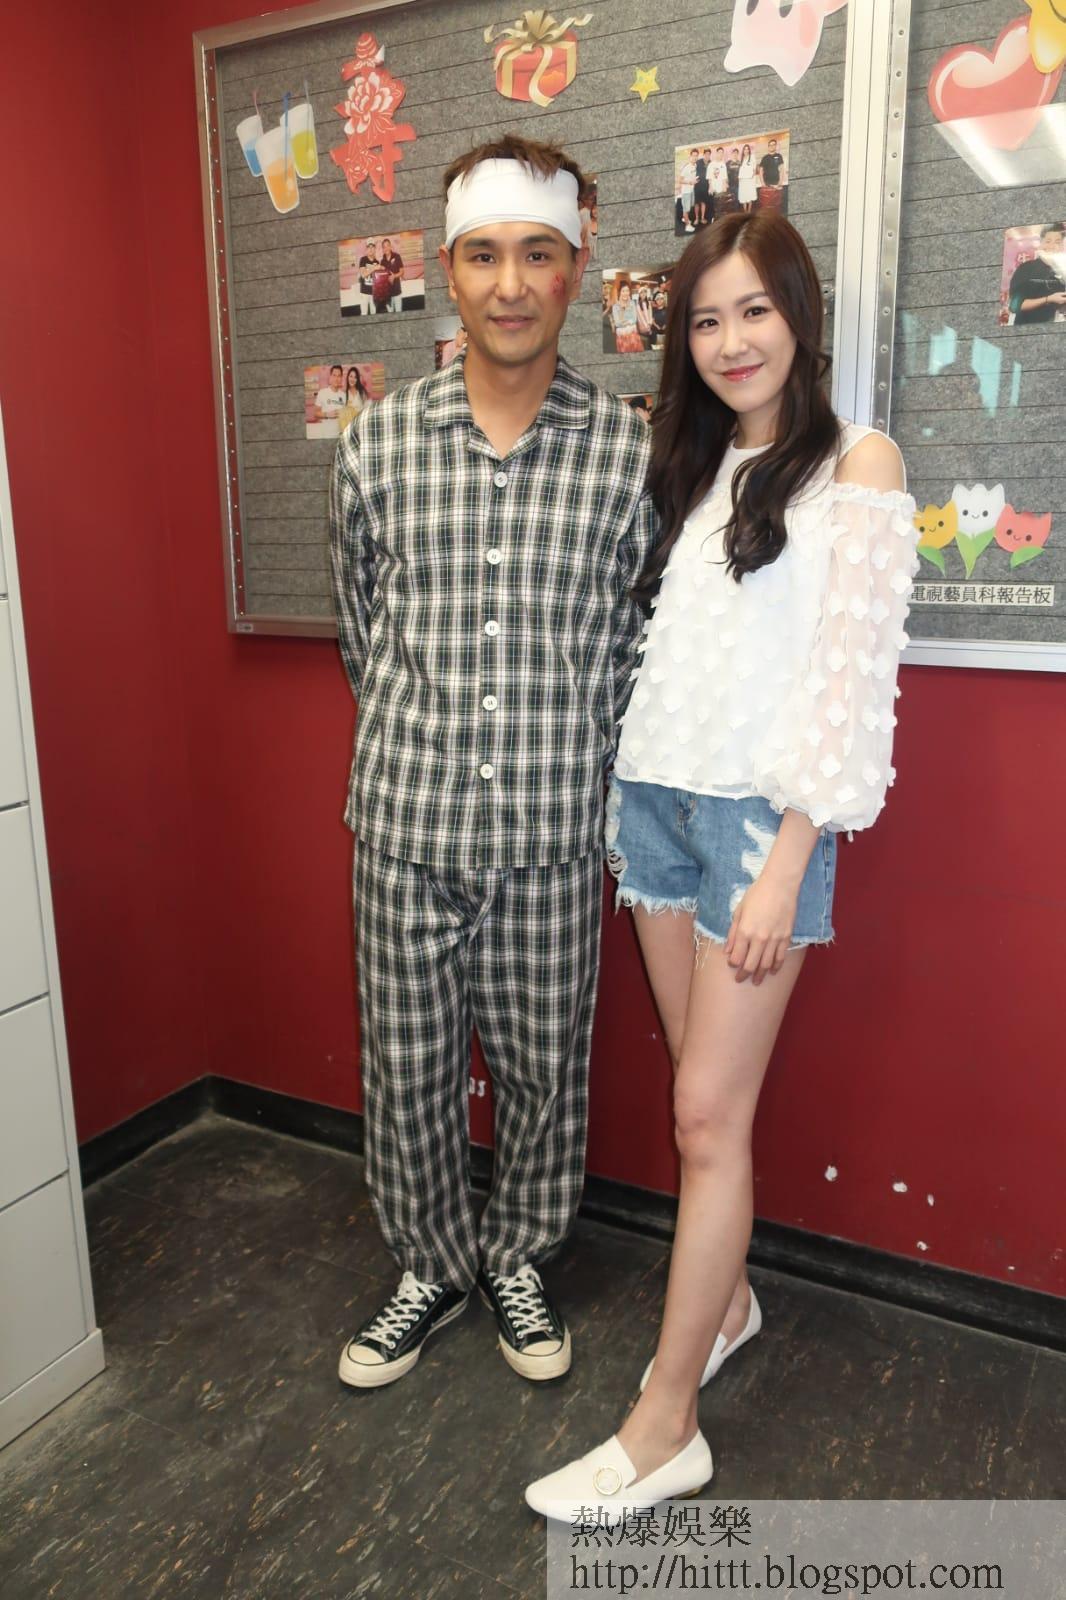 陳展鵬與Moon飾演一對,但床戲只是傾偈。